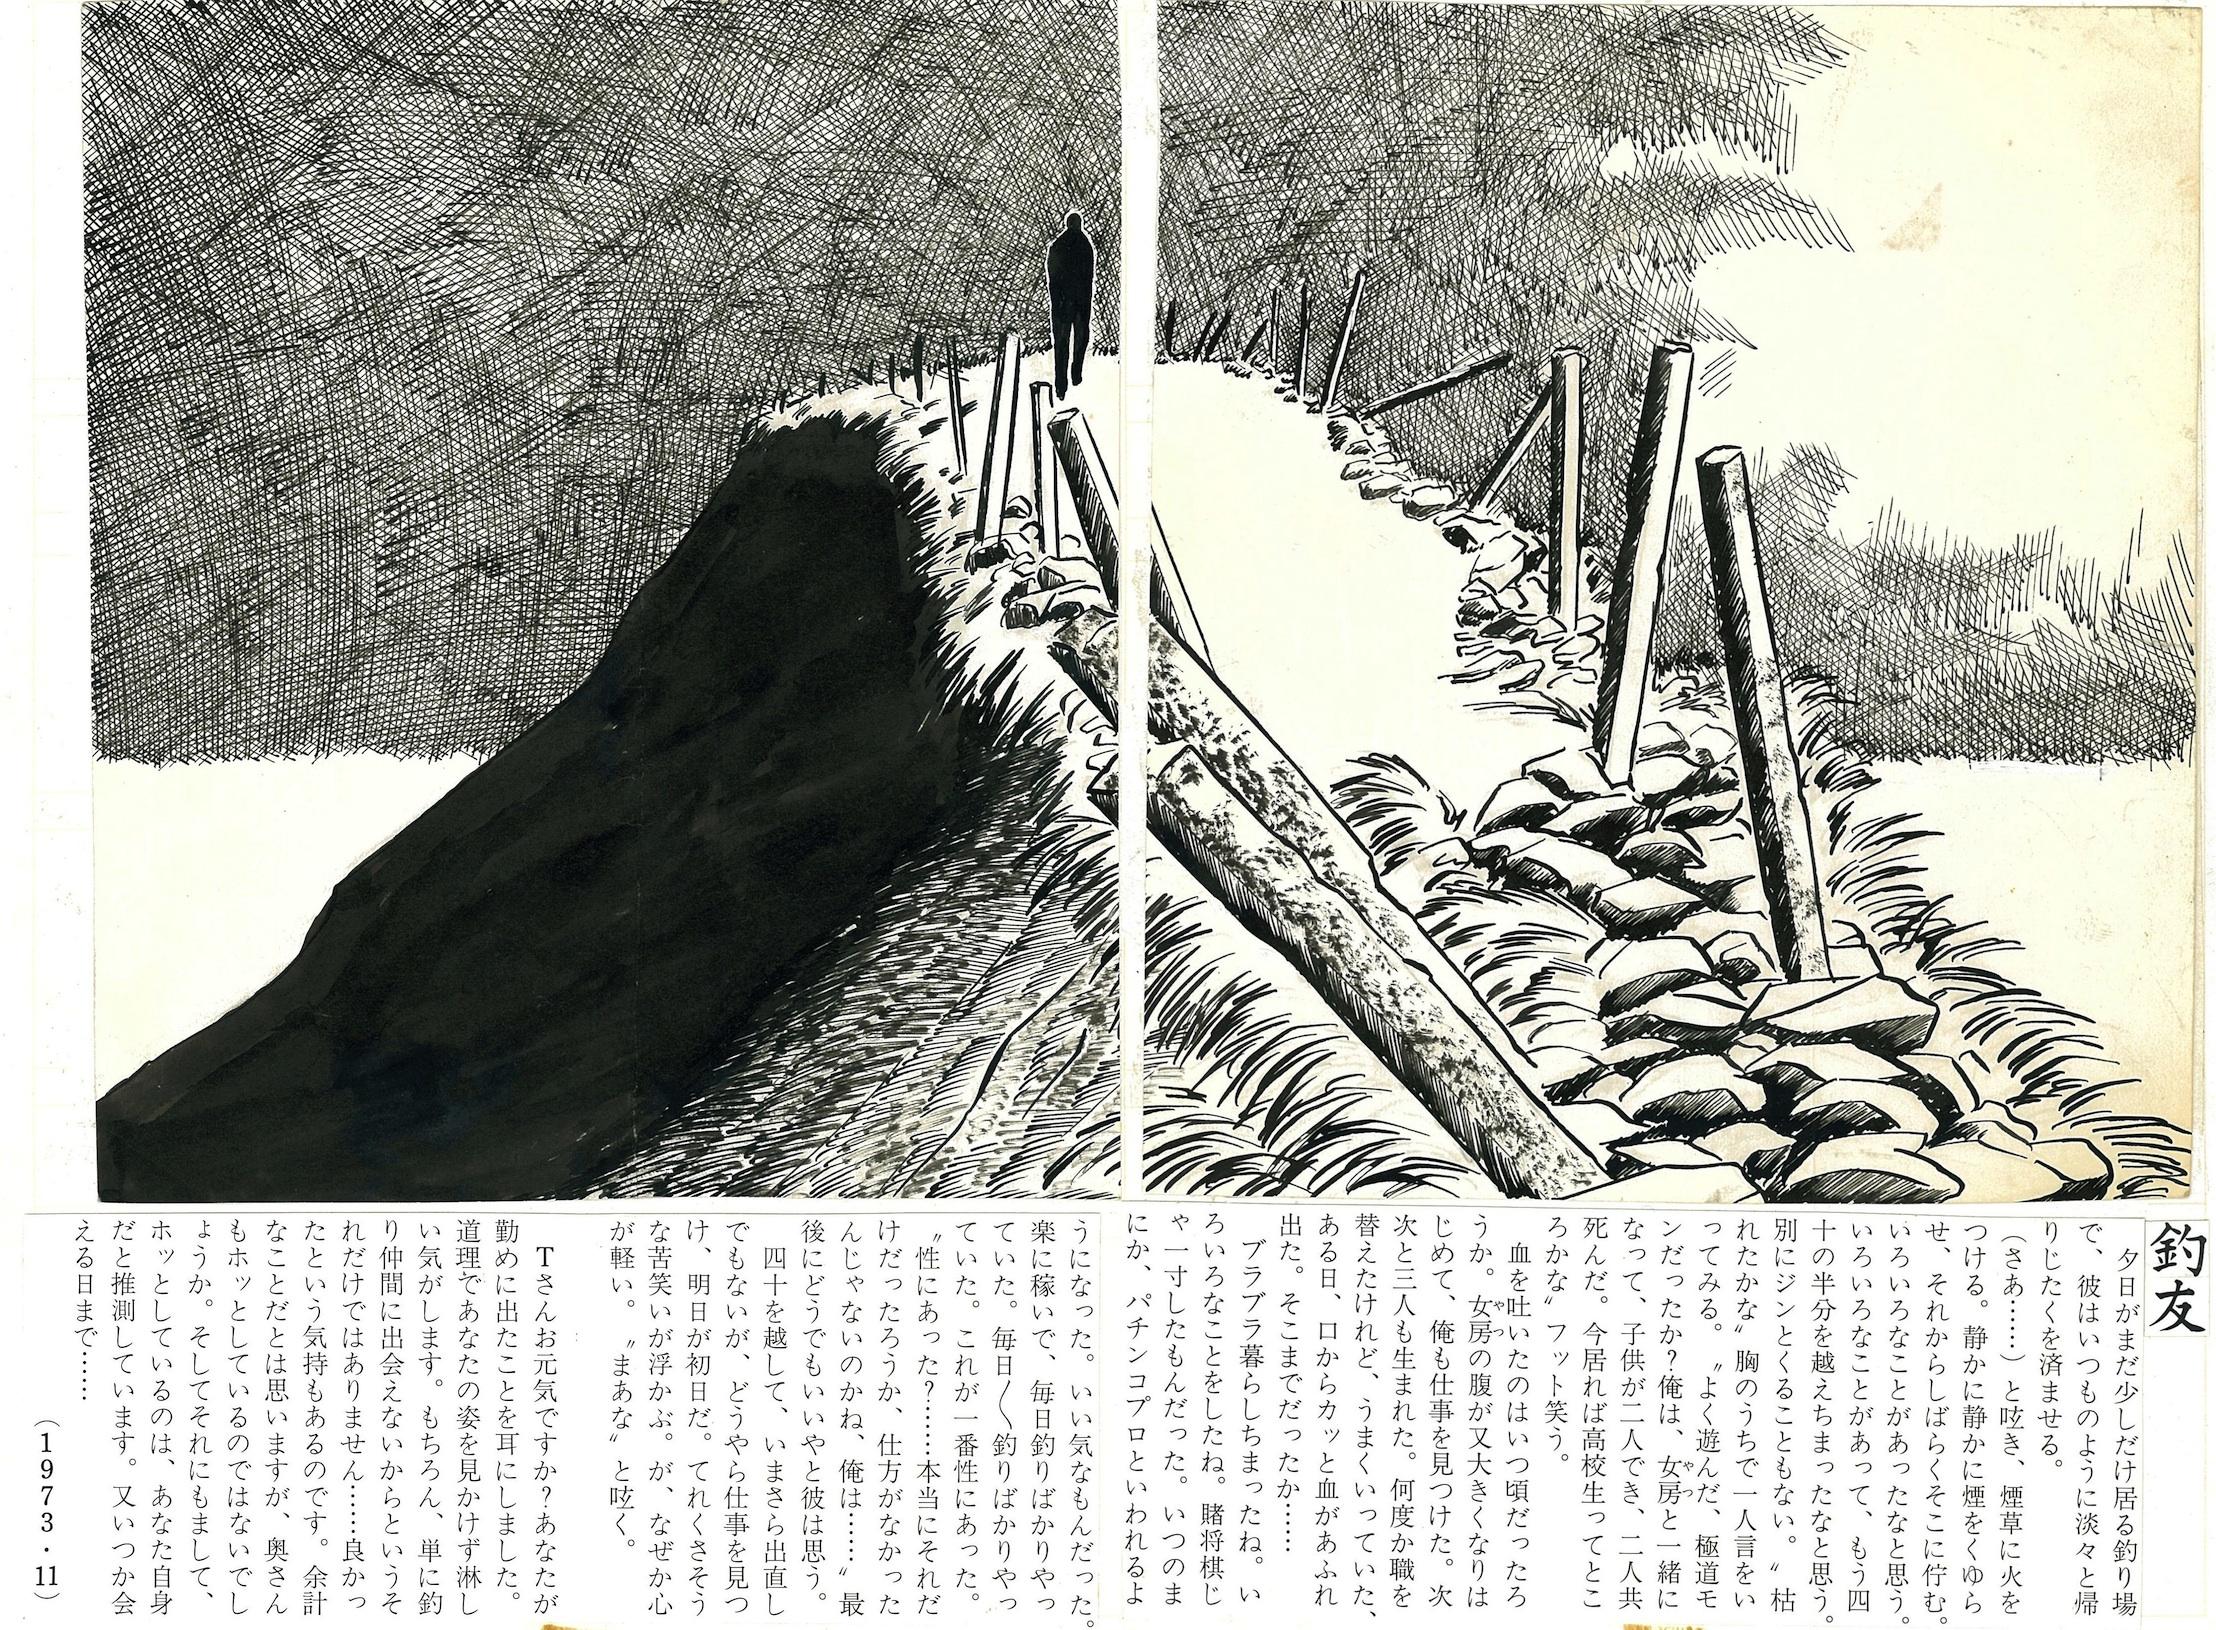 釣り師たち / つげ忠男(オリジナル漫画原稿 1975年頃?)